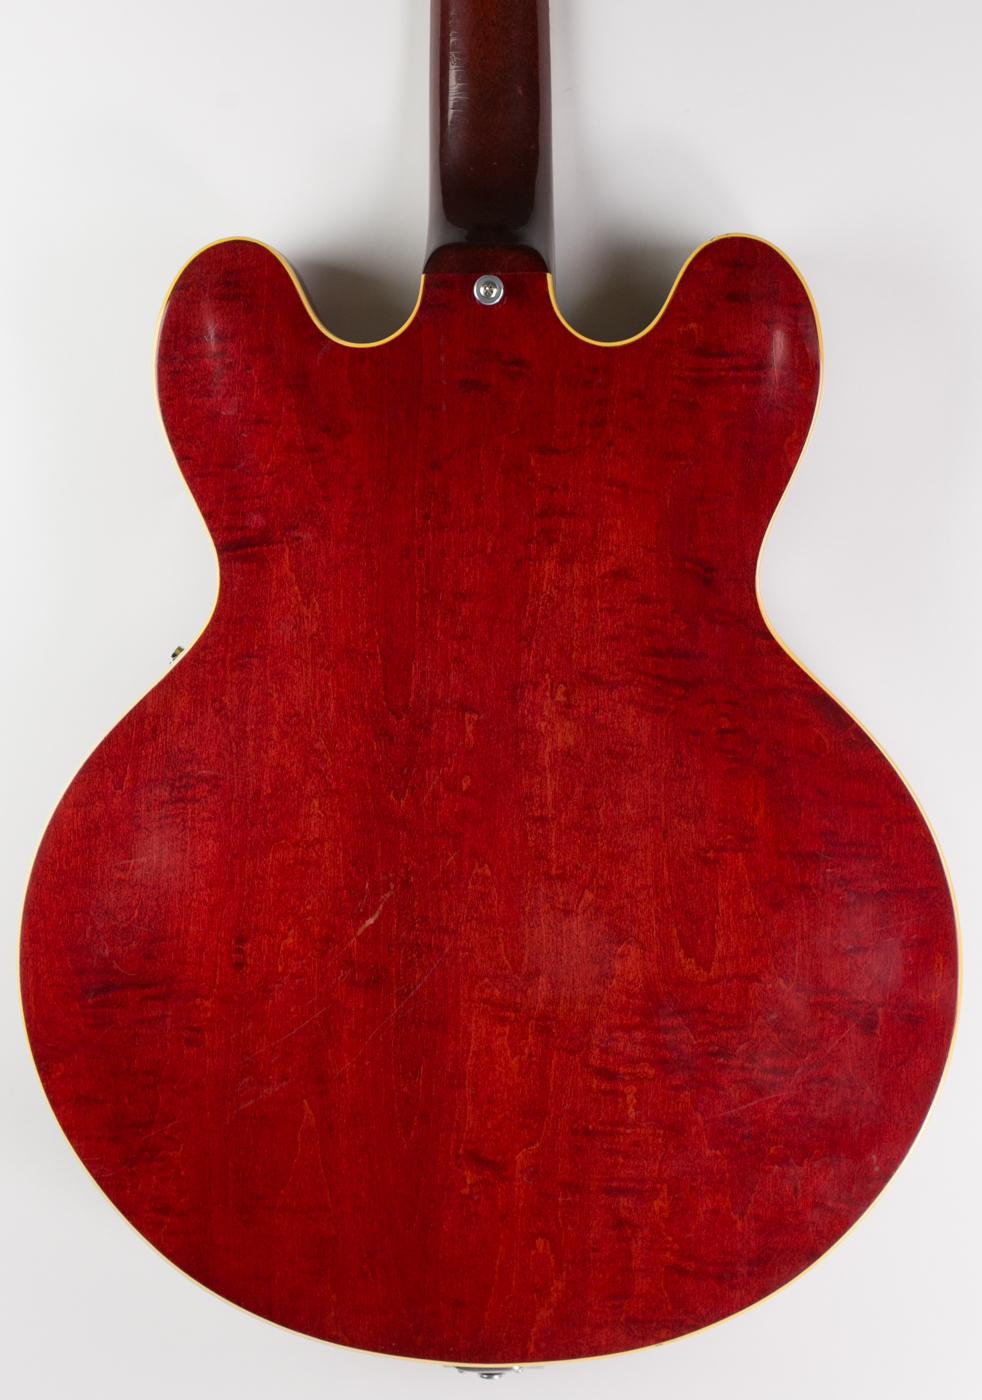 1963 Gibson ES-335TD Cherry detail 2